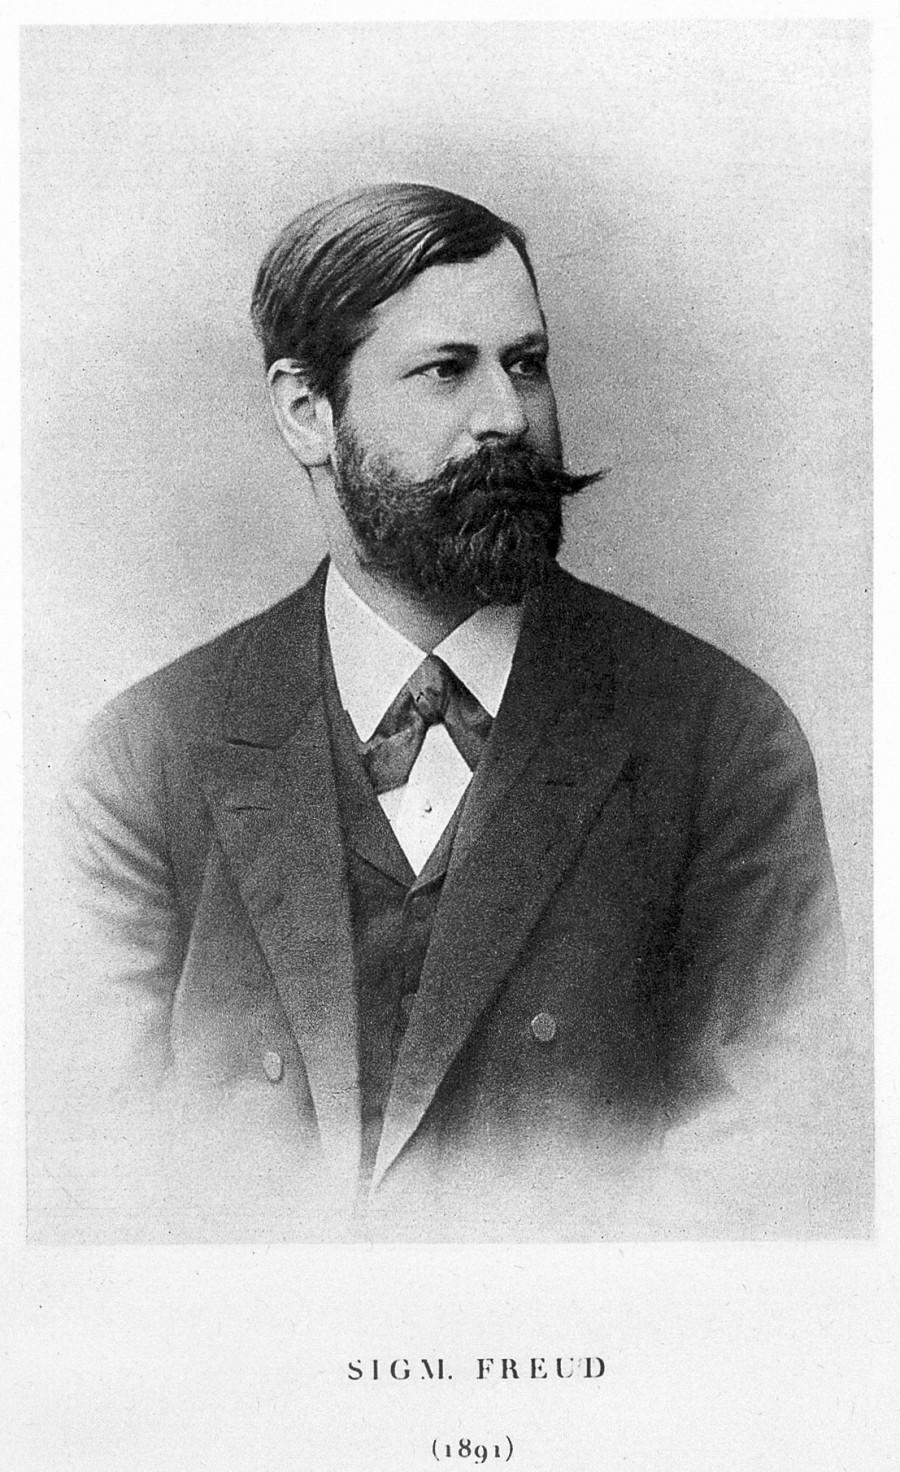 Fotografía de Sigmund Freud tomada en 1891, a los treinta y cinco años de edad